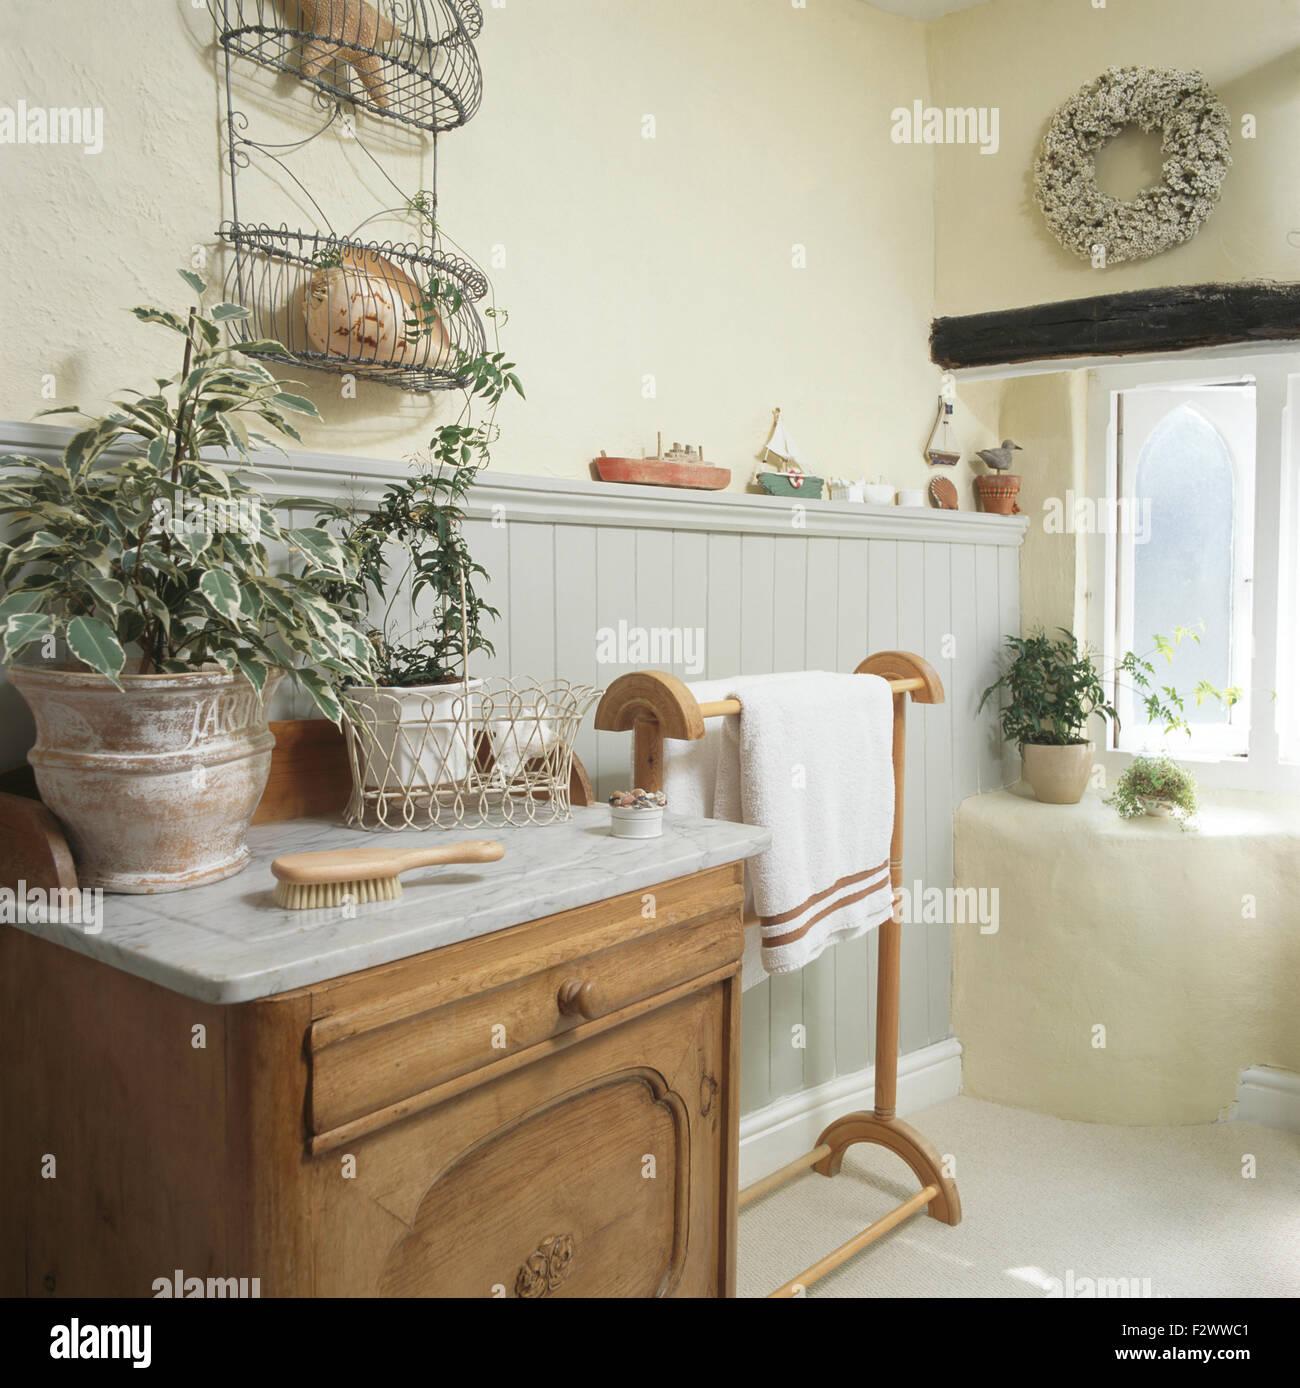 Pflanzen fr badezimmer wie viel licht bentigen gruene pflanzen badezimmer gestalten doppelte - Badezimmer mit pflanzen ...